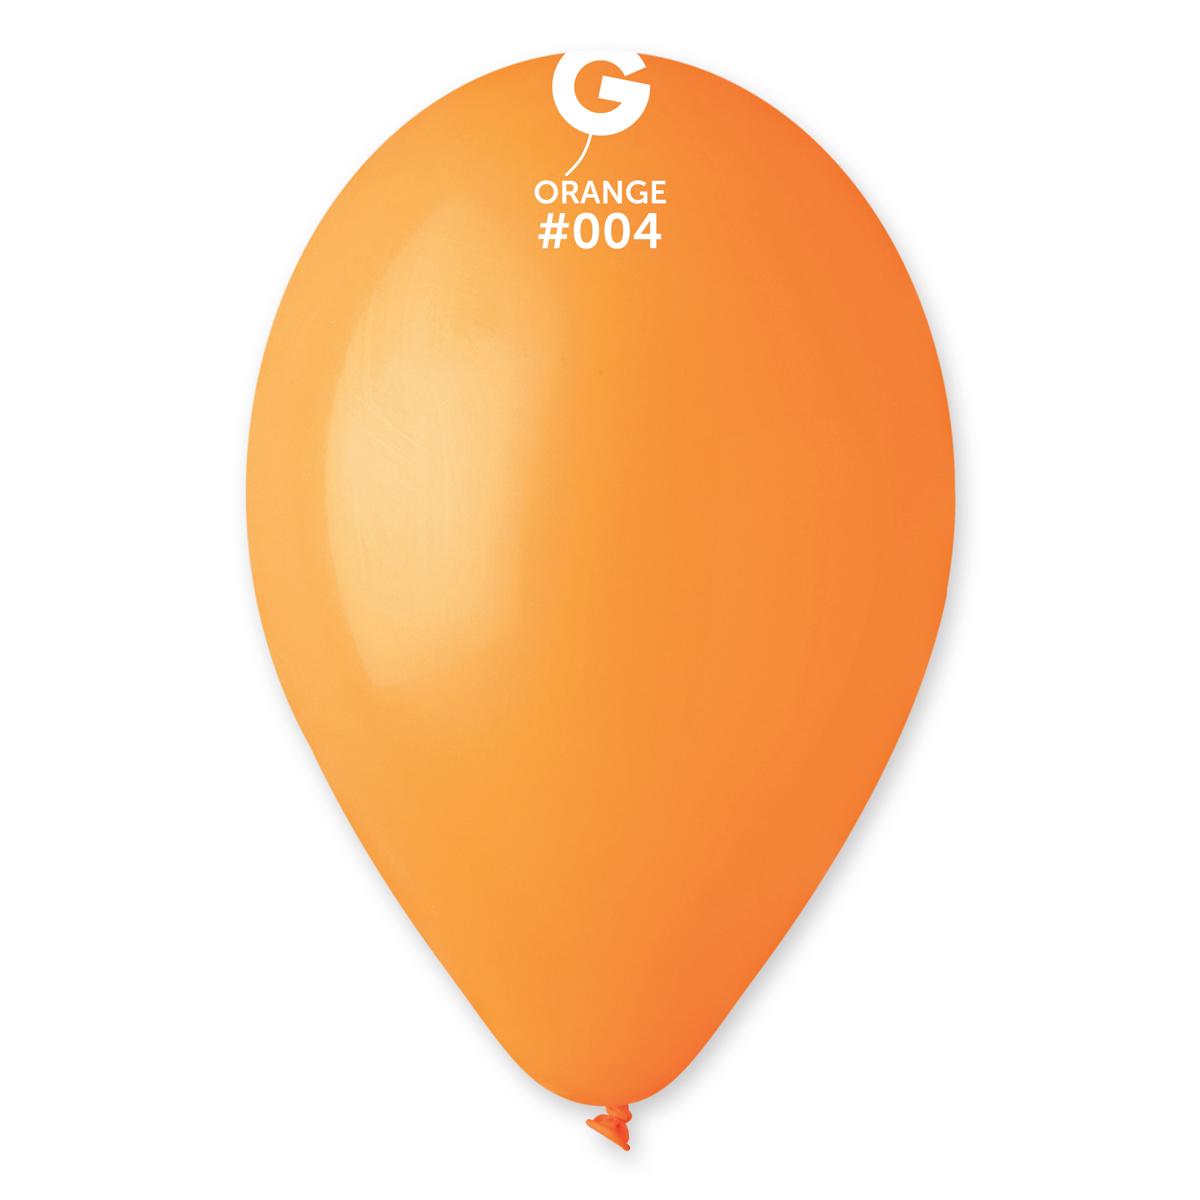 #004 Orange